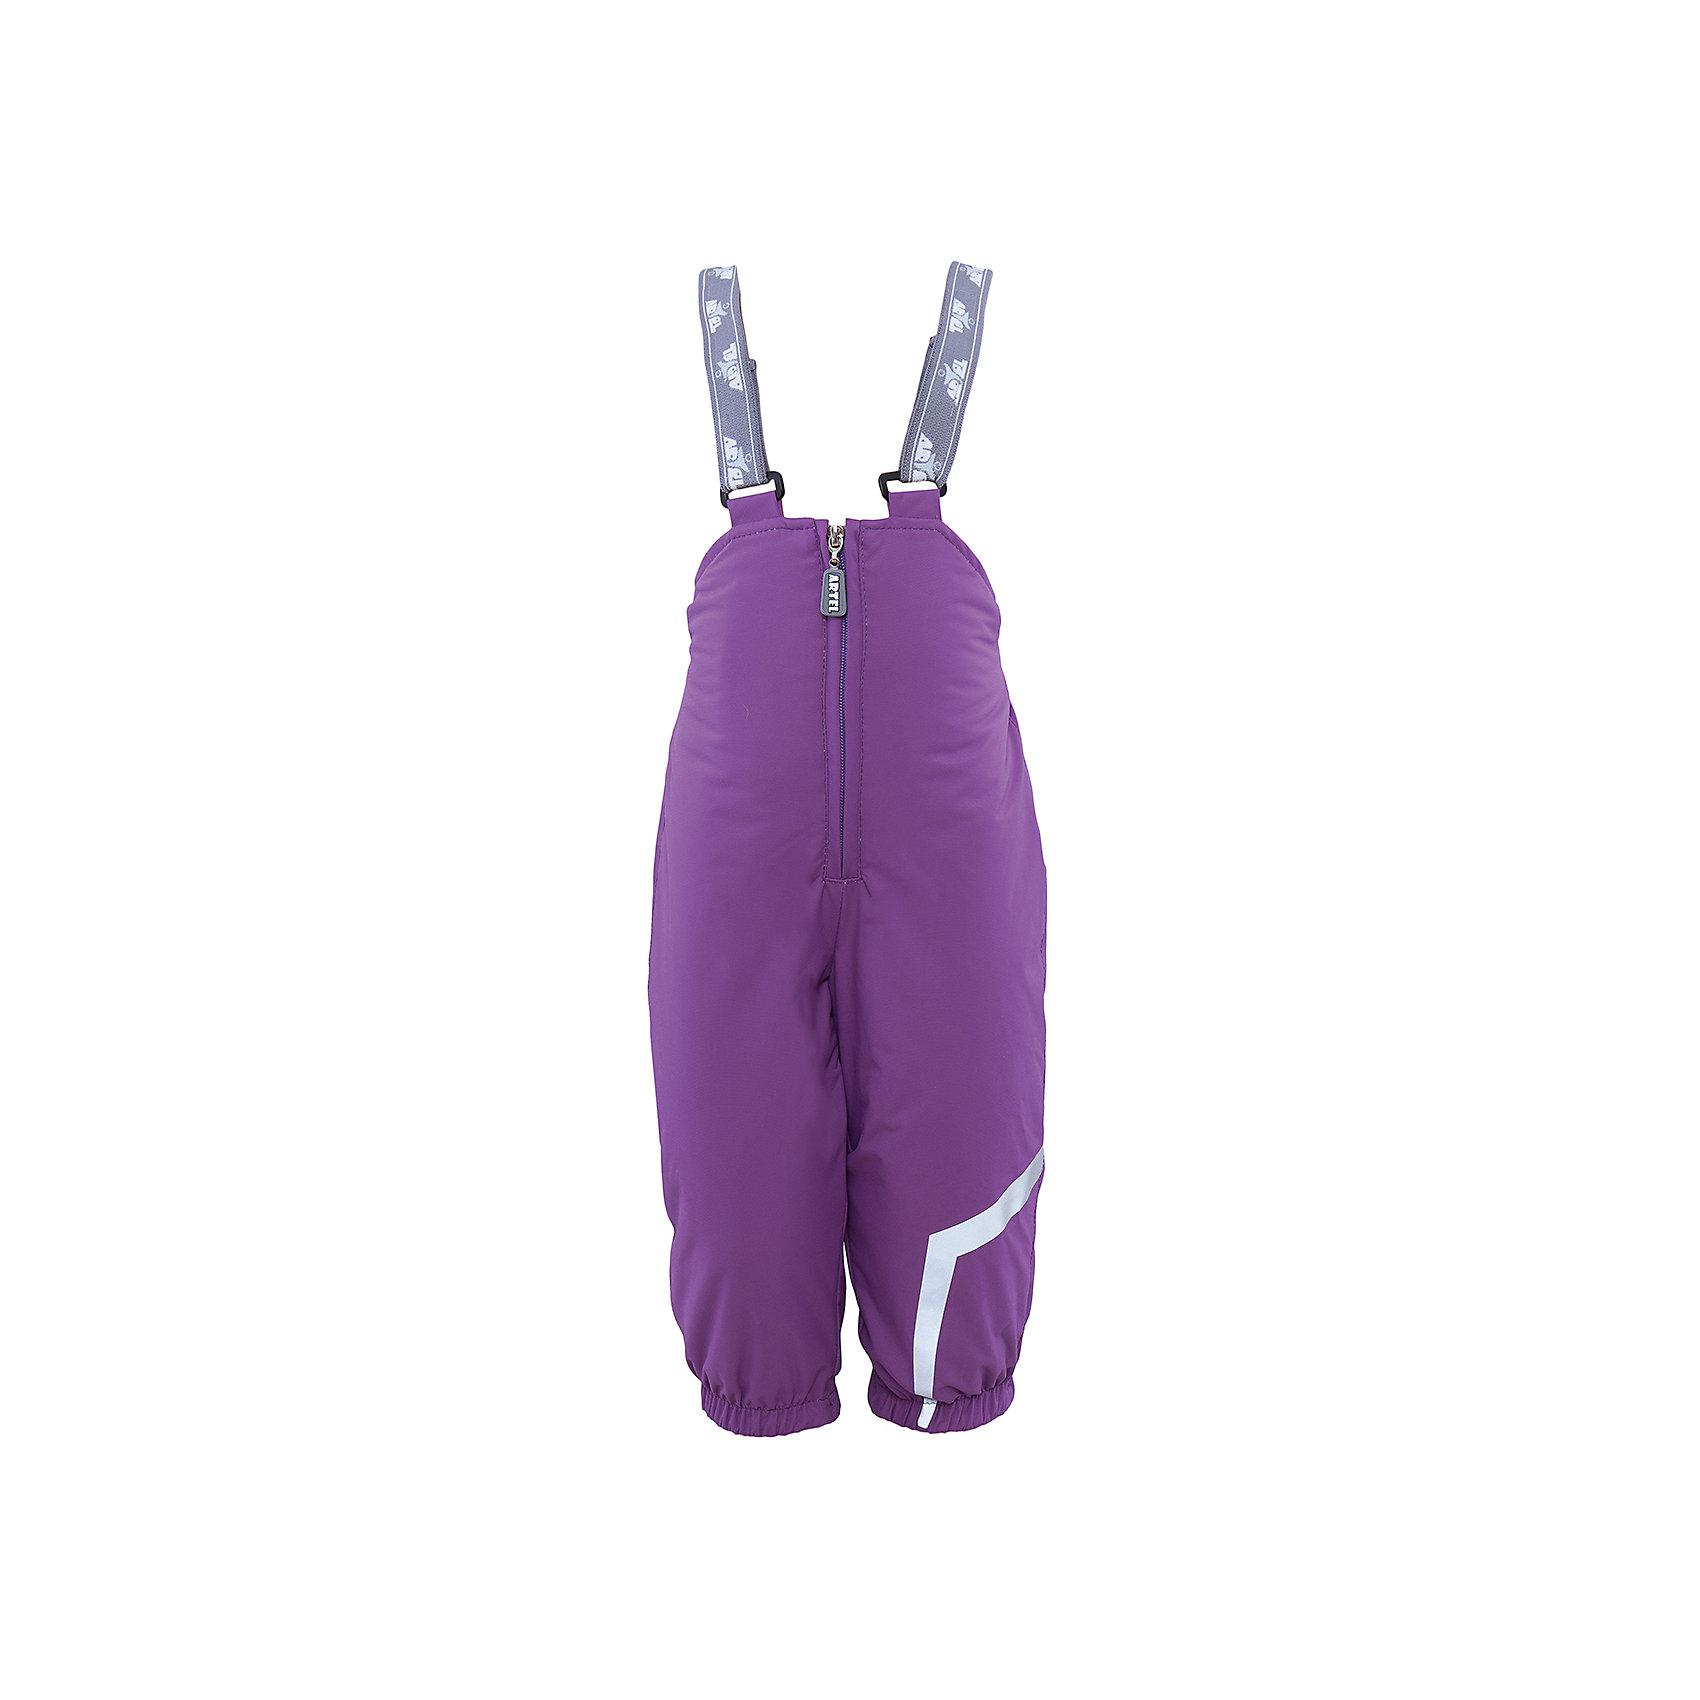 Полукомбенизон для девочки АртельВерхняя одежда<br>Полукомбенизон от известного бренда Артель<br>Изделие выполнено из мембранной ткани. У полукомбинезона регулируется длина бретелек.По низу штанишек расположены штрипки, которые фиксируются на сапожках, удерживают штанину от задирания и обеспечивают дополнительную защиту от скольжения.Сзади, по линии талии, для дополнительной фиксации, расположена резинка.<br>Состав:<br>Верх: Dobby HiPora<br>Подкладка: флис, пэ<br>Утеплитель: TermoFinn 200<br><br>Ширина мм: 215<br>Глубина мм: 88<br>Высота мм: 191<br>Вес г: 336<br>Цвет: лиловый<br>Возраст от месяцев: 12<br>Возраст до месяцев: 15<br>Пол: Женский<br>Возраст: Детский<br>Размер: 80,98,86,92<br>SKU: 4963840